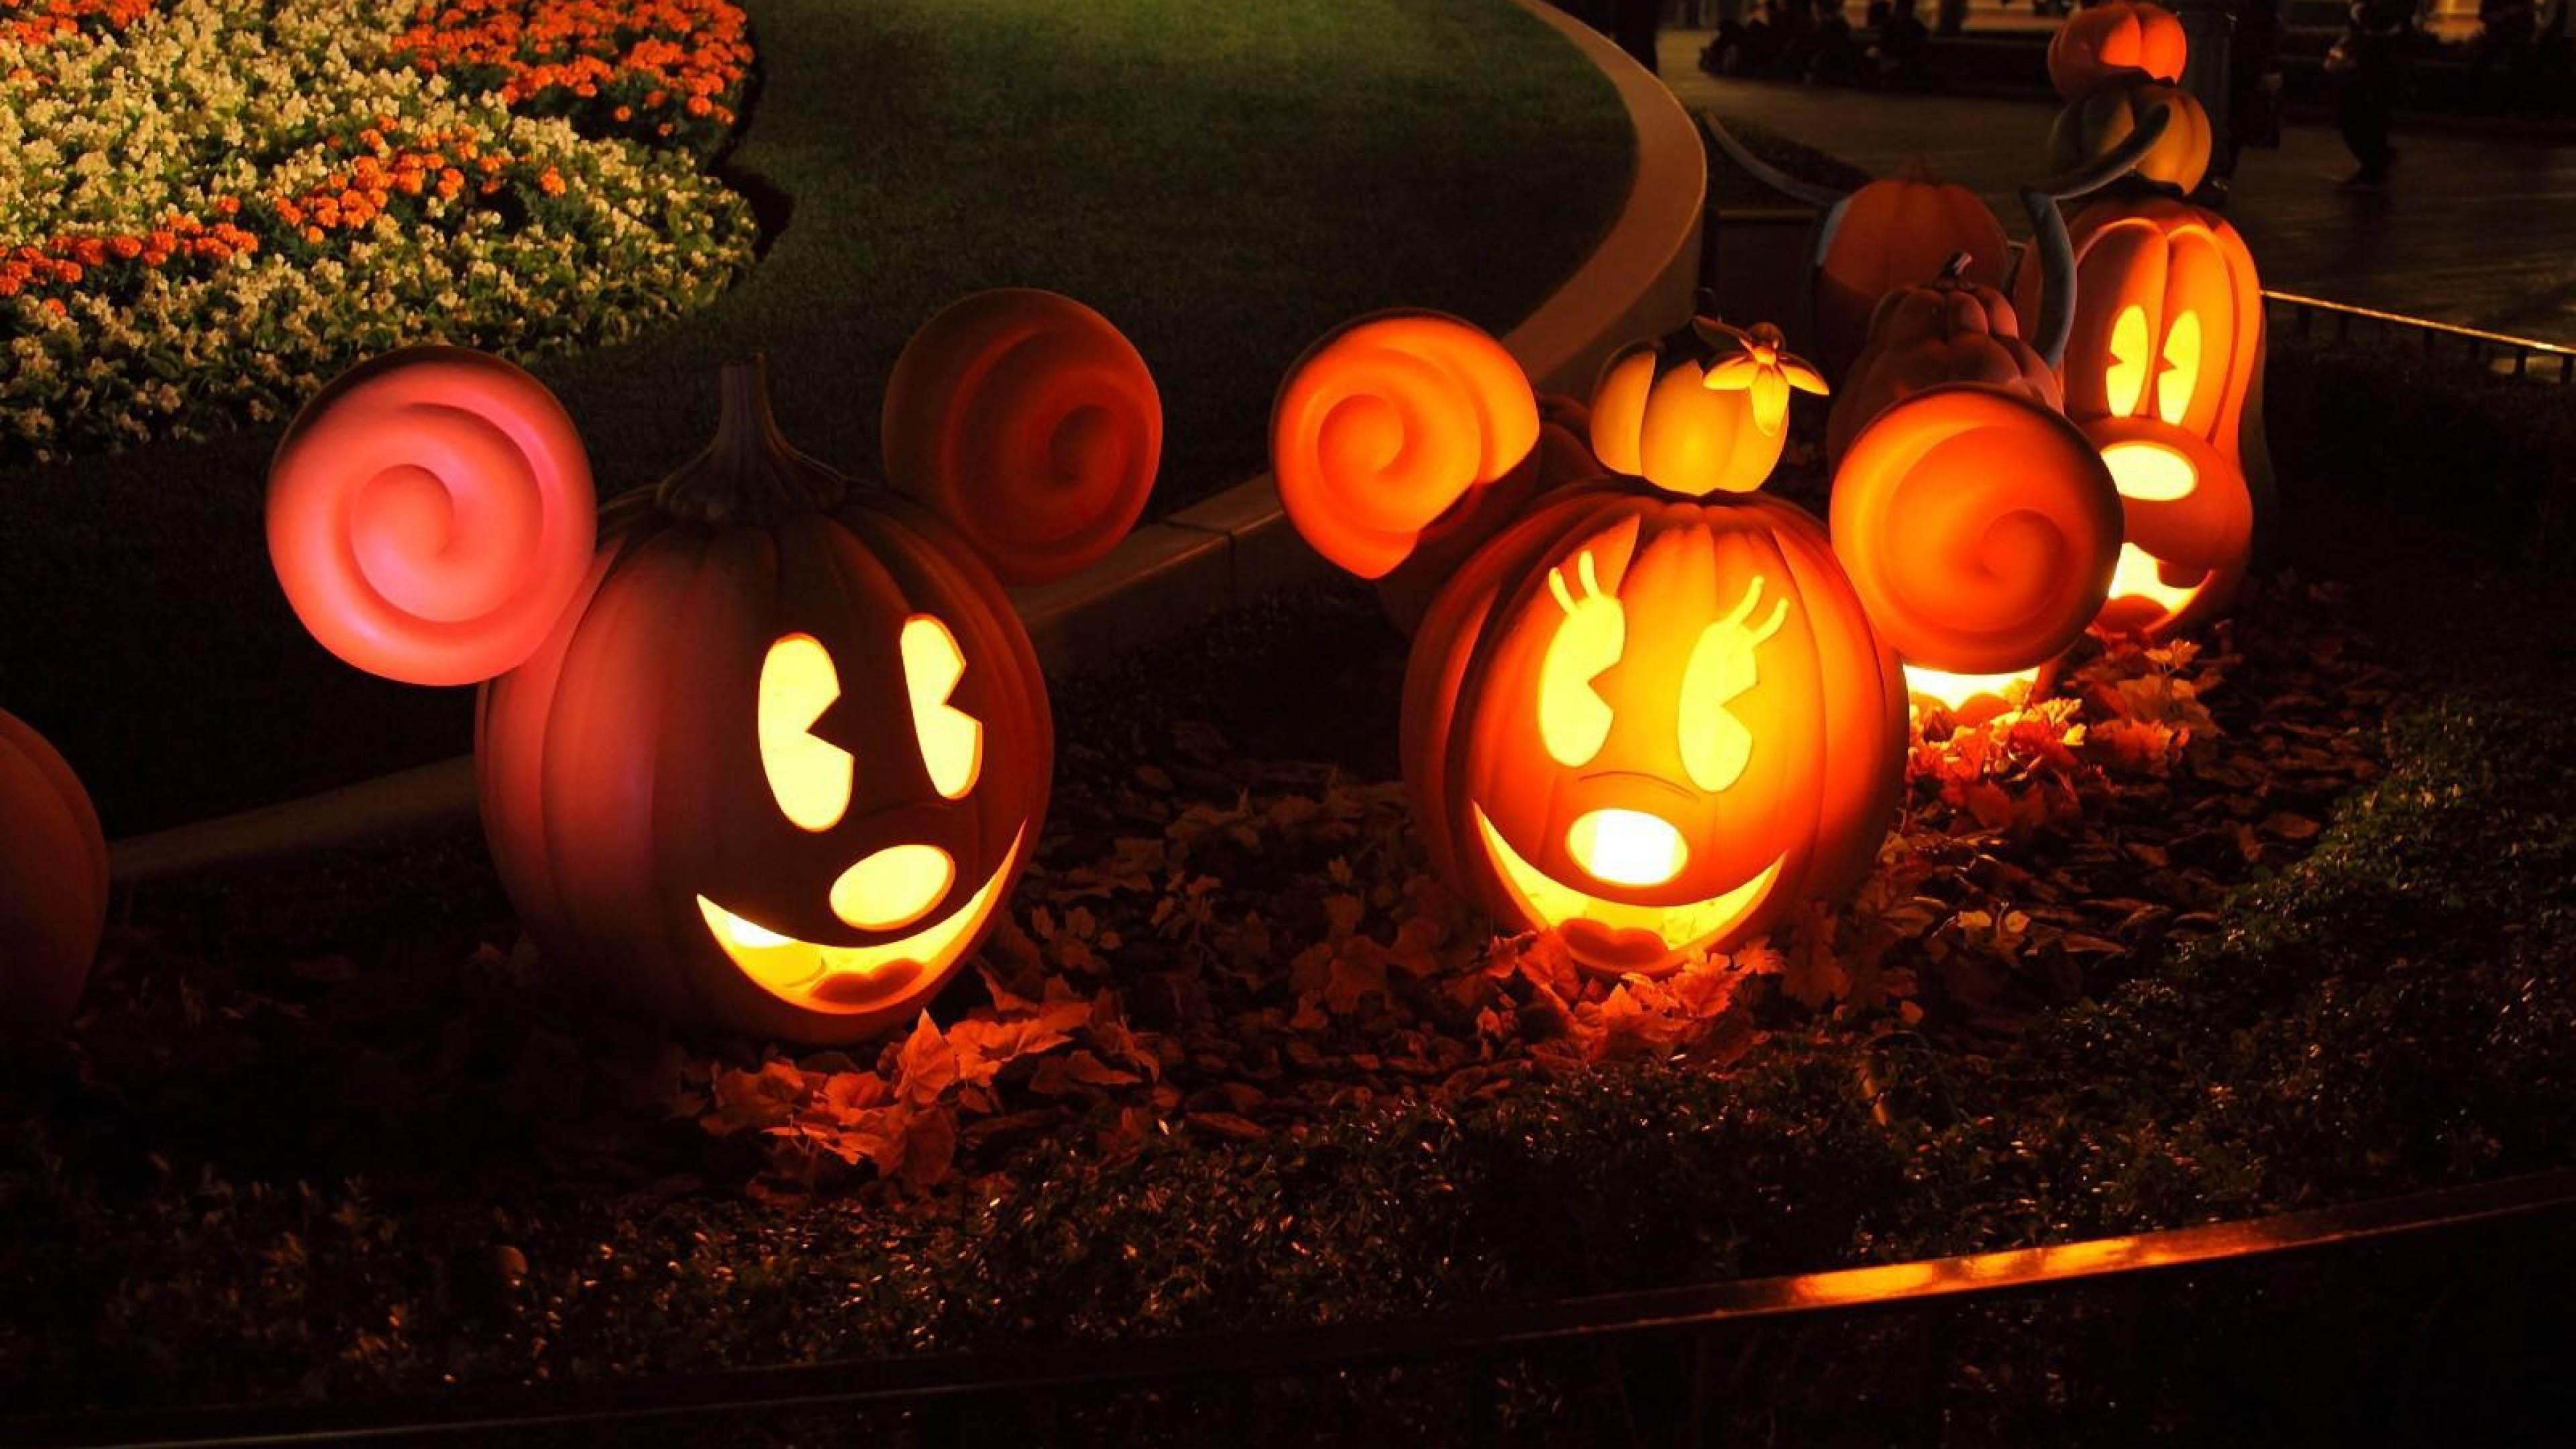 Disney Halloween Backgrounds 3840x2160